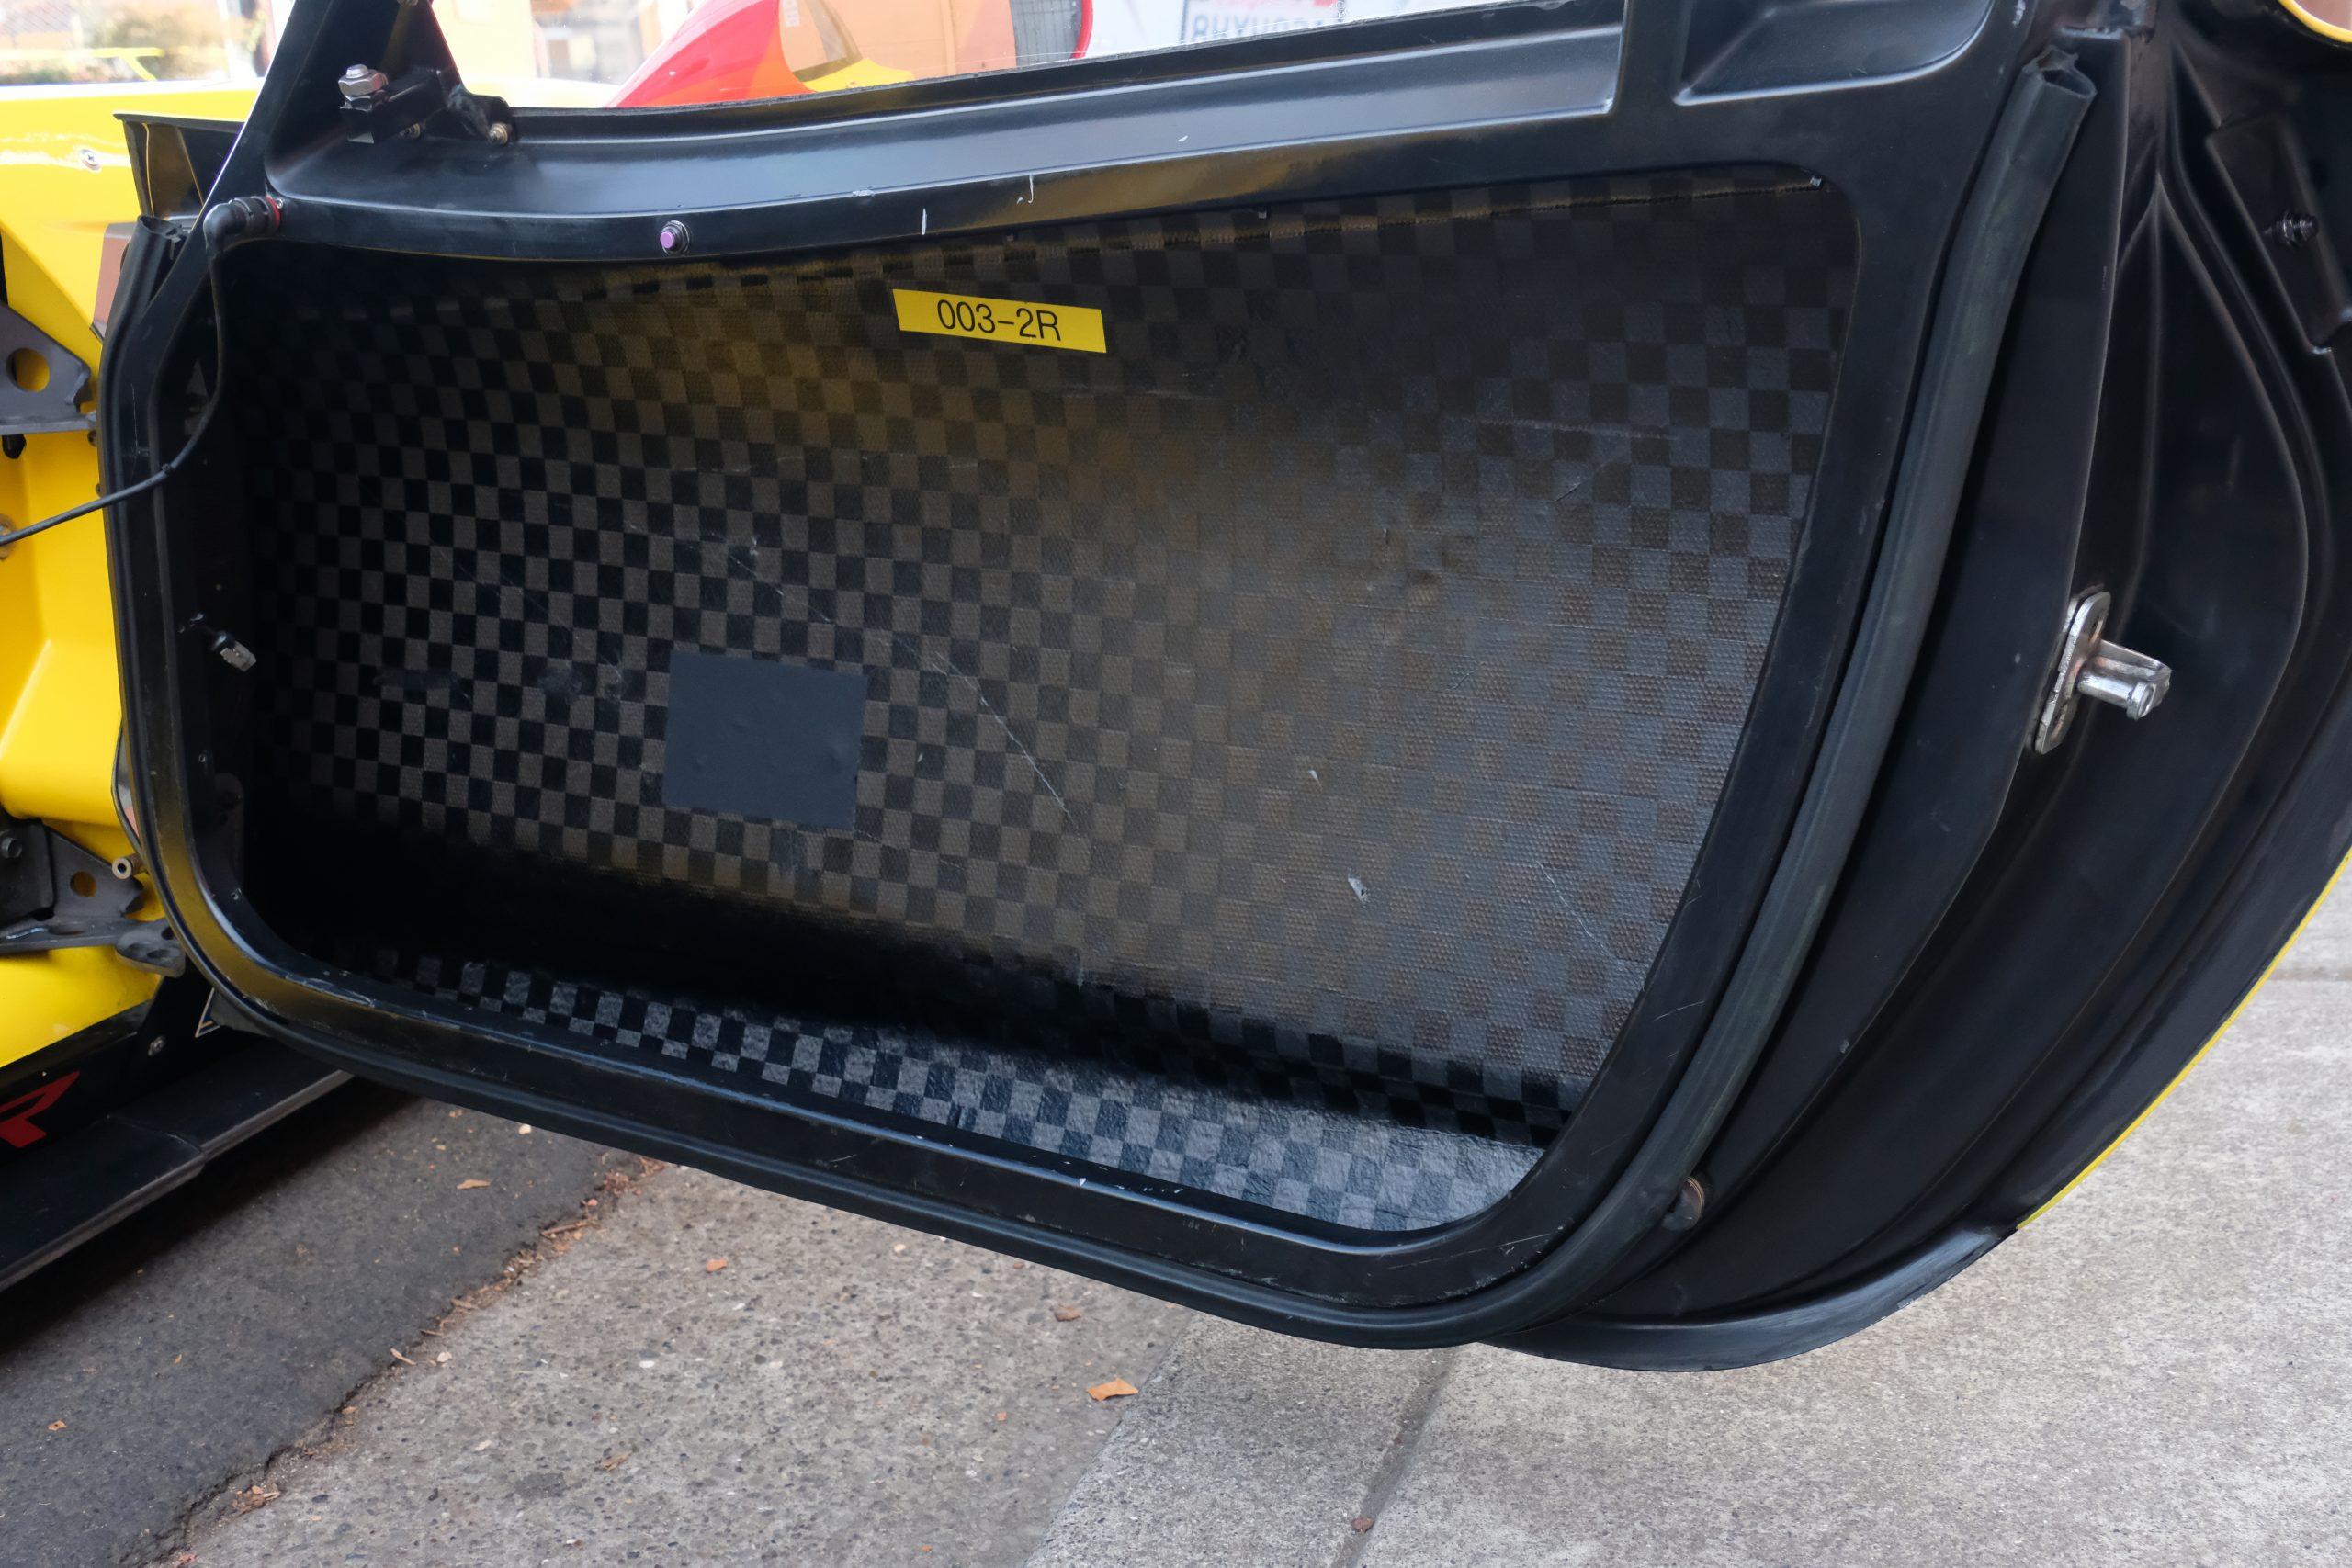 2015 corvette c7.r door panel